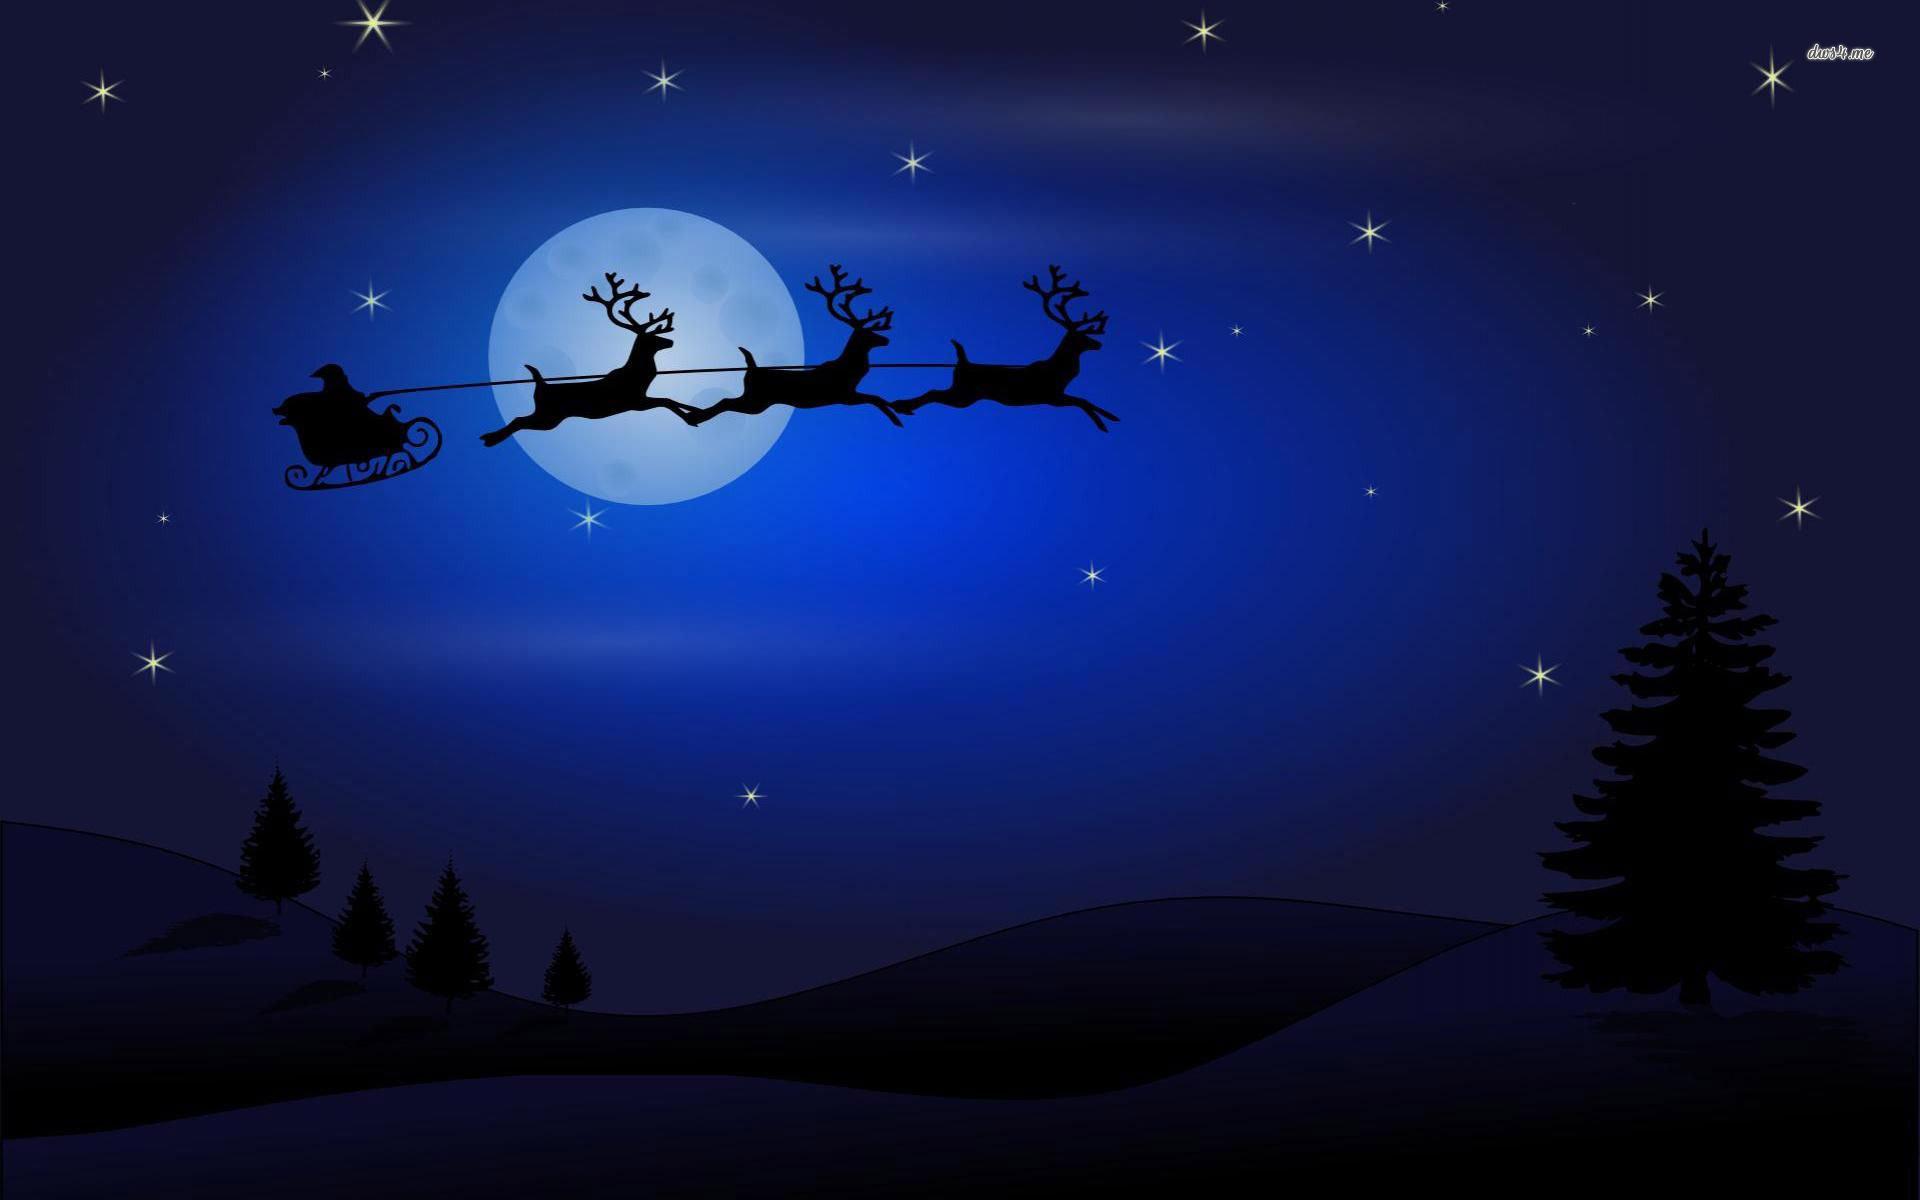 christmas-night-sky-holiday